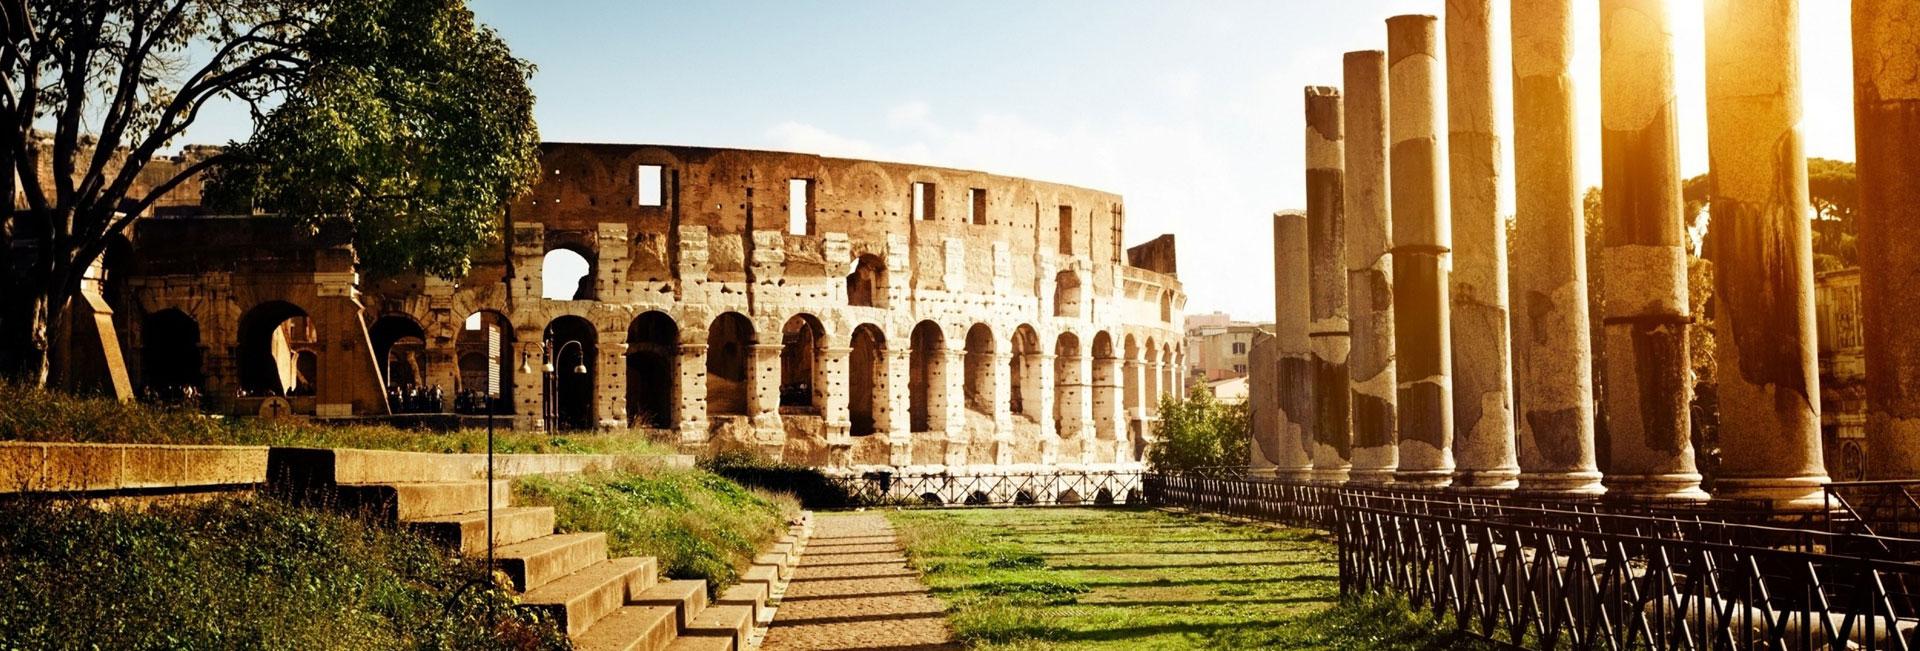 Estás pensando en irte de Luna de miel a Italia